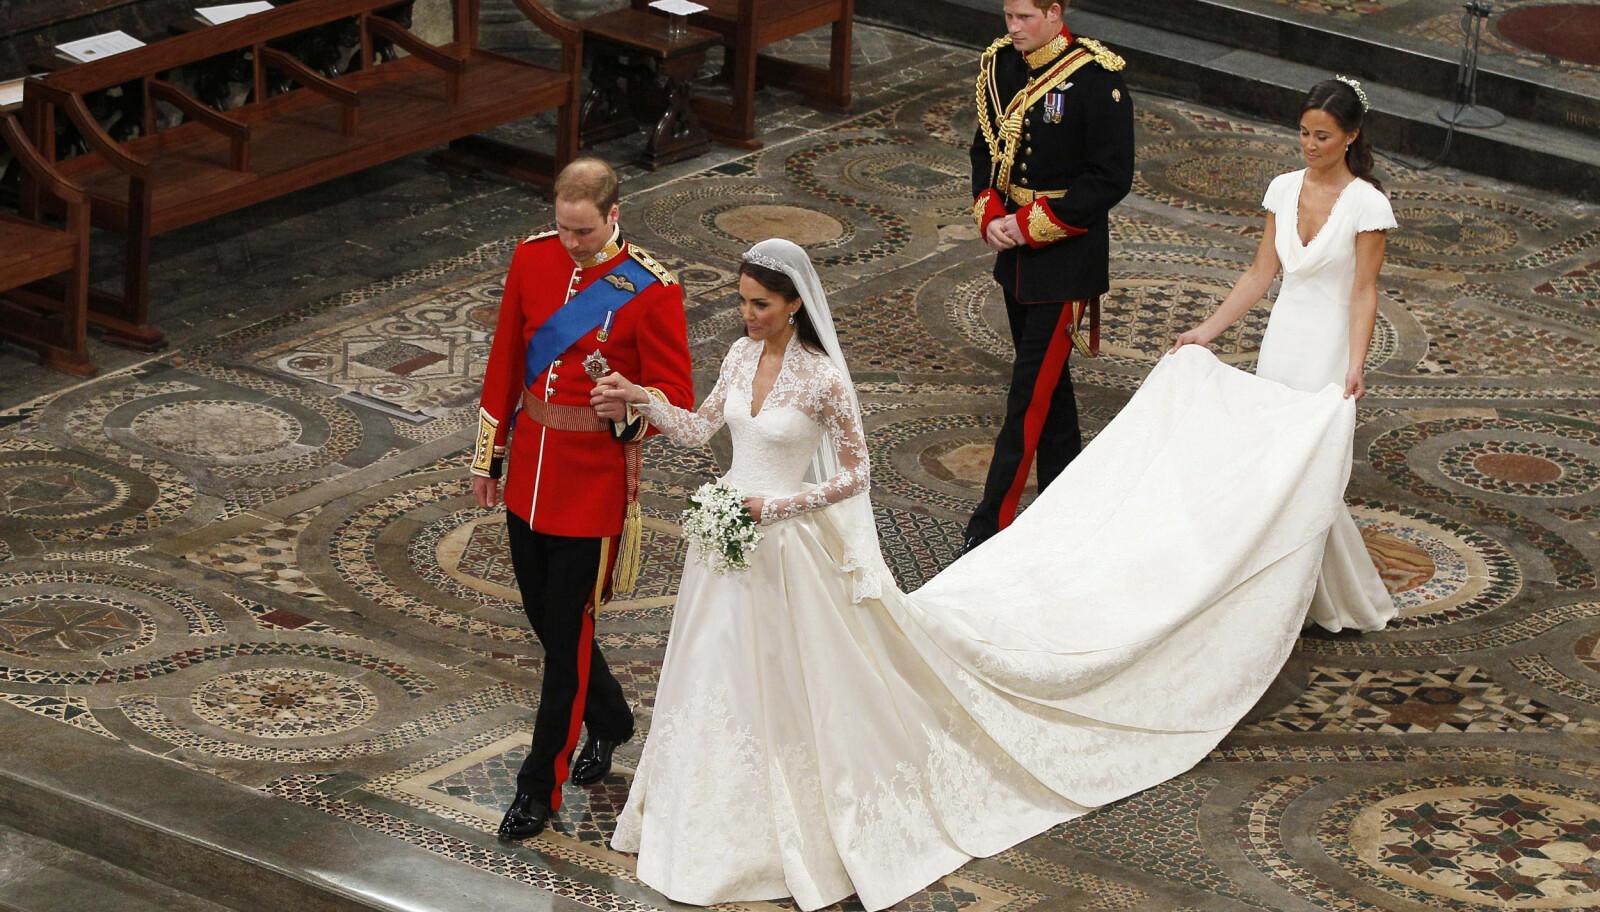 FANTASTISK KJOLE: Hertuginne Kate strålte på bryllupsdagen sin iført kjole designet av Sarah Burton. Foto: NTB Scanpix